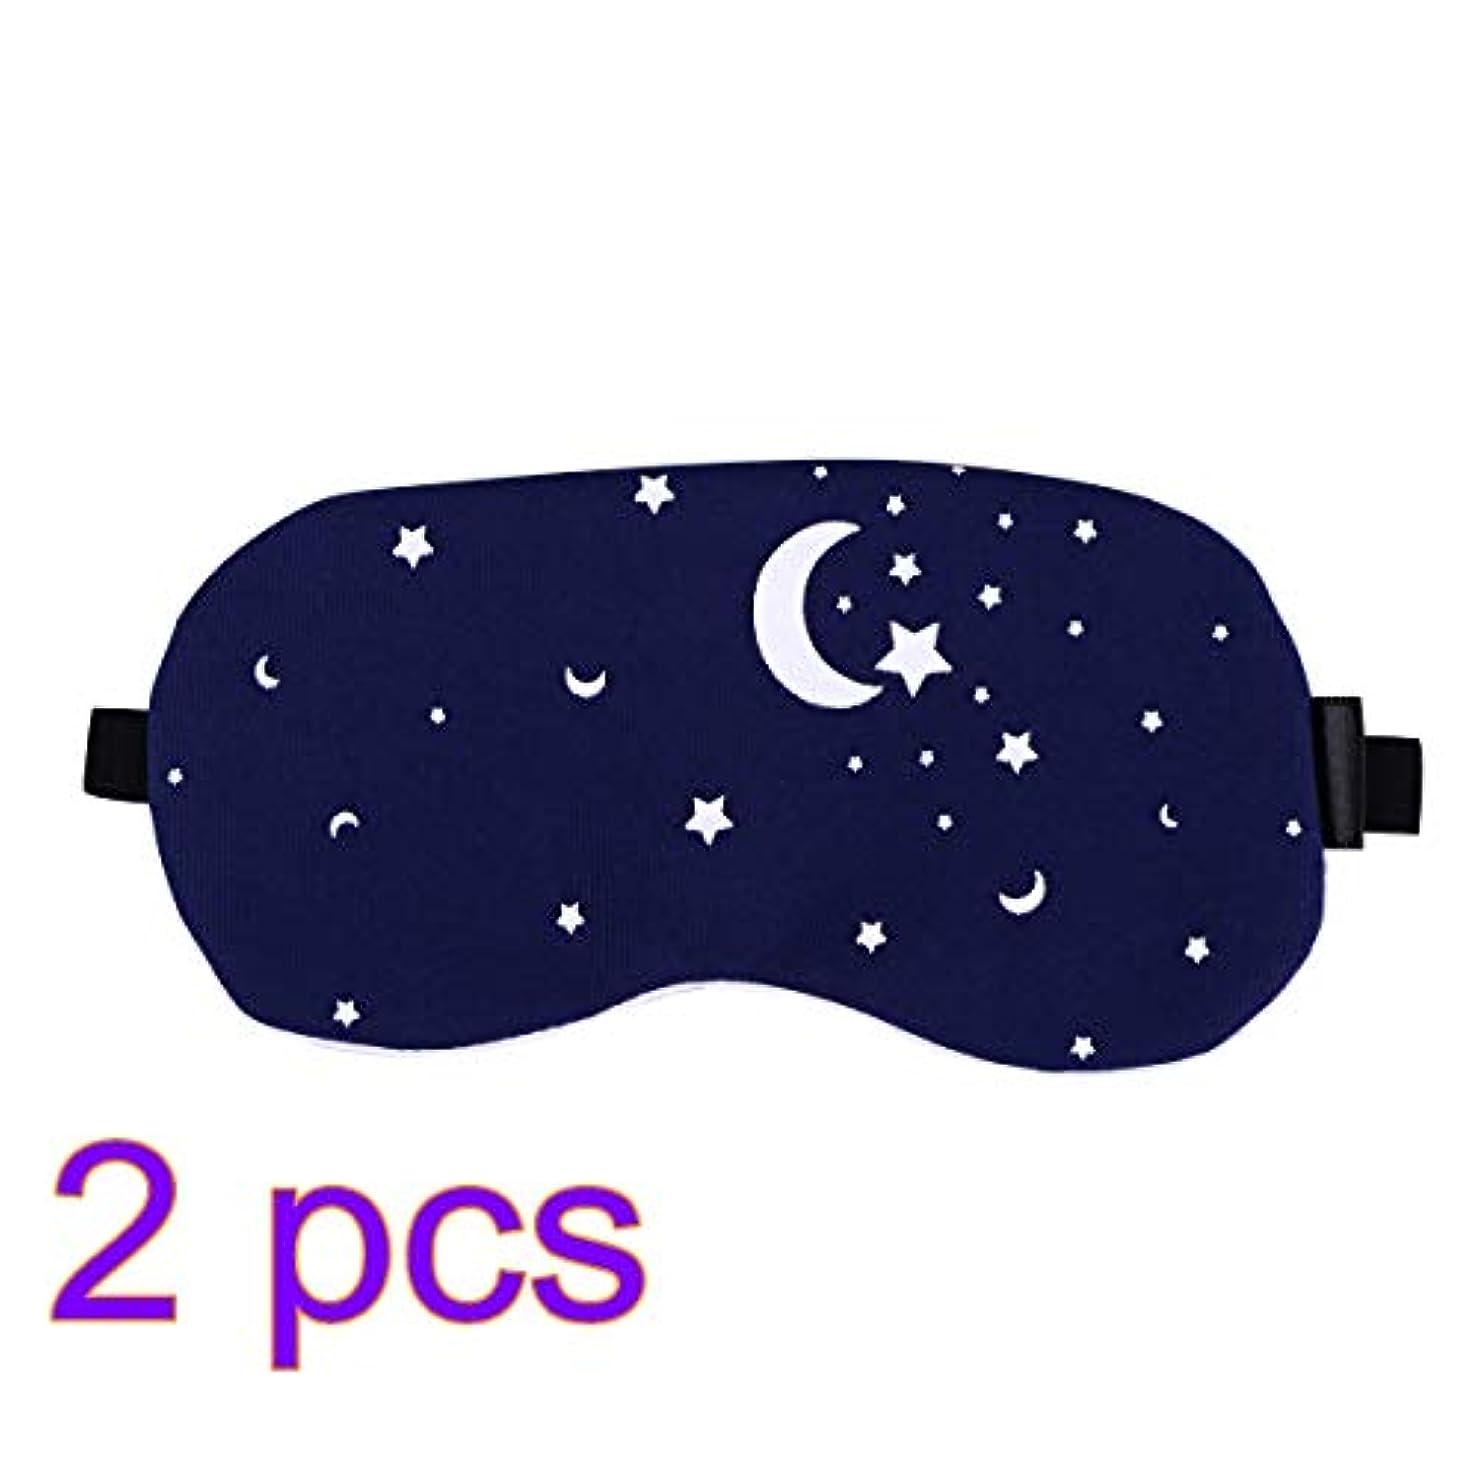 自己尊重顕現抵当Healifty コットンとリネンアイスリーピングマスクブラインドパッチアジャストストラップコールド/ホットジェルストレス緩和用女性のためのふくらんでいる目の頭痛を解消2pcs(Starry Sky)